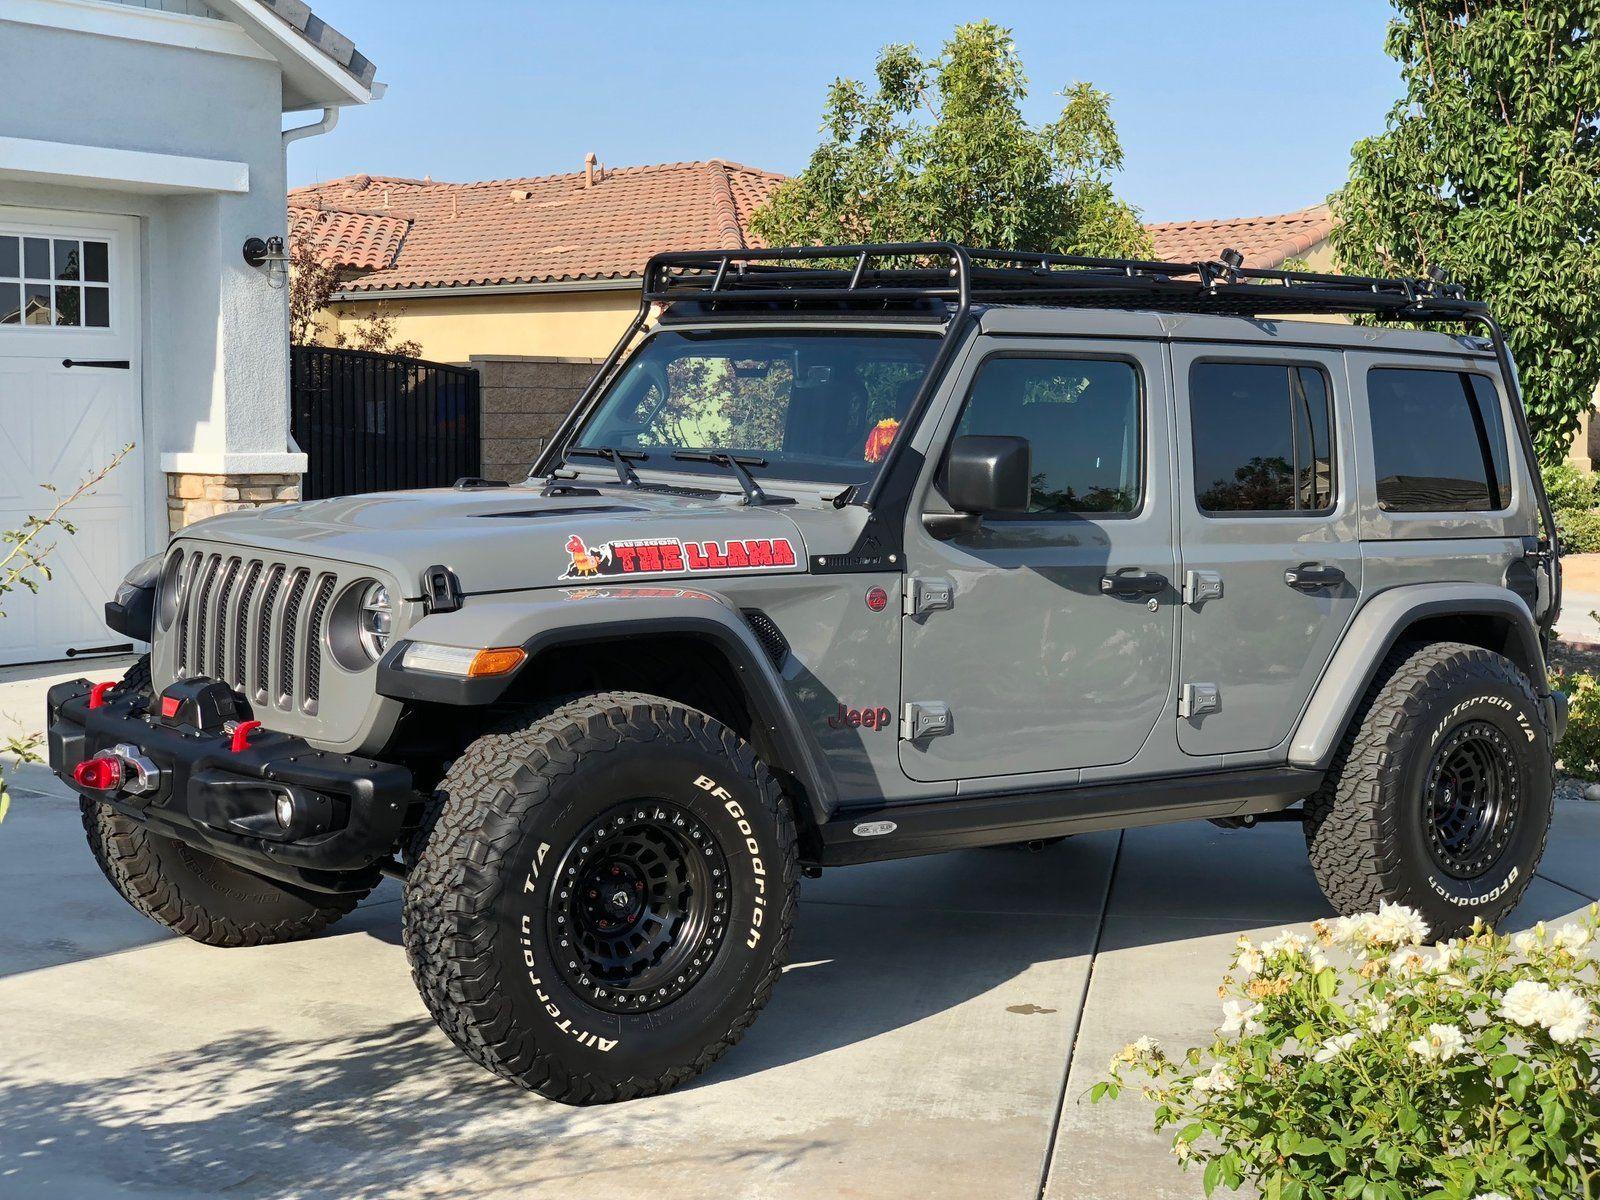 Gobi Stealth Rack Arrived And Installed Pics 2018 Jeep Wrangler Forums Jl Jt Pickup Tr Pickup Trucks Jeep Wrangler Accessories Jeep Wrangler Rubicon